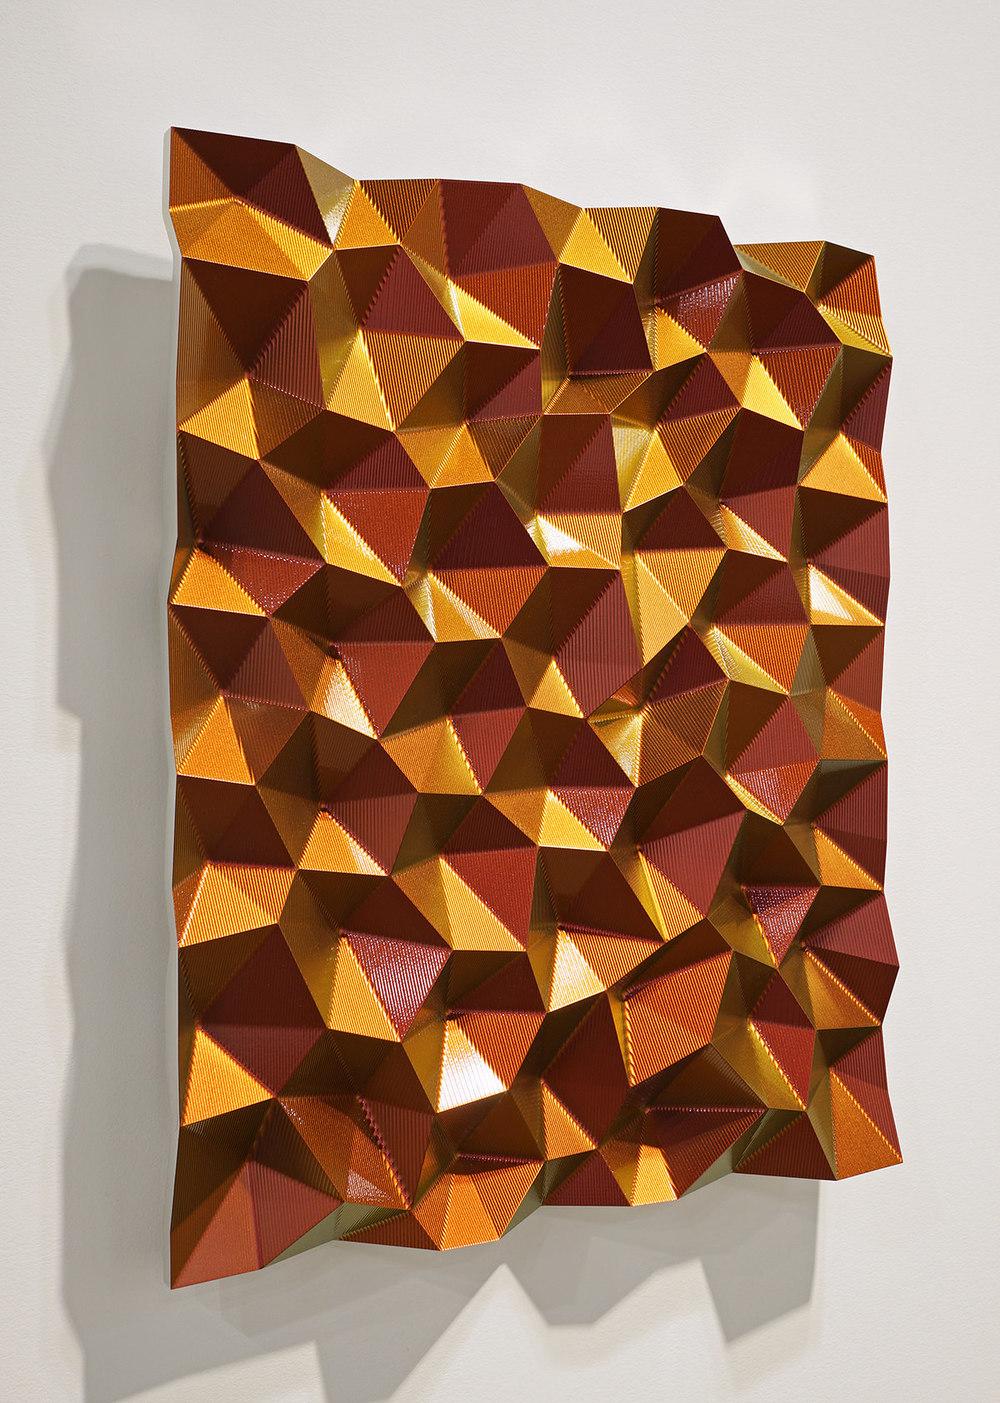 Hexagonal Perturbation- Red/Orange